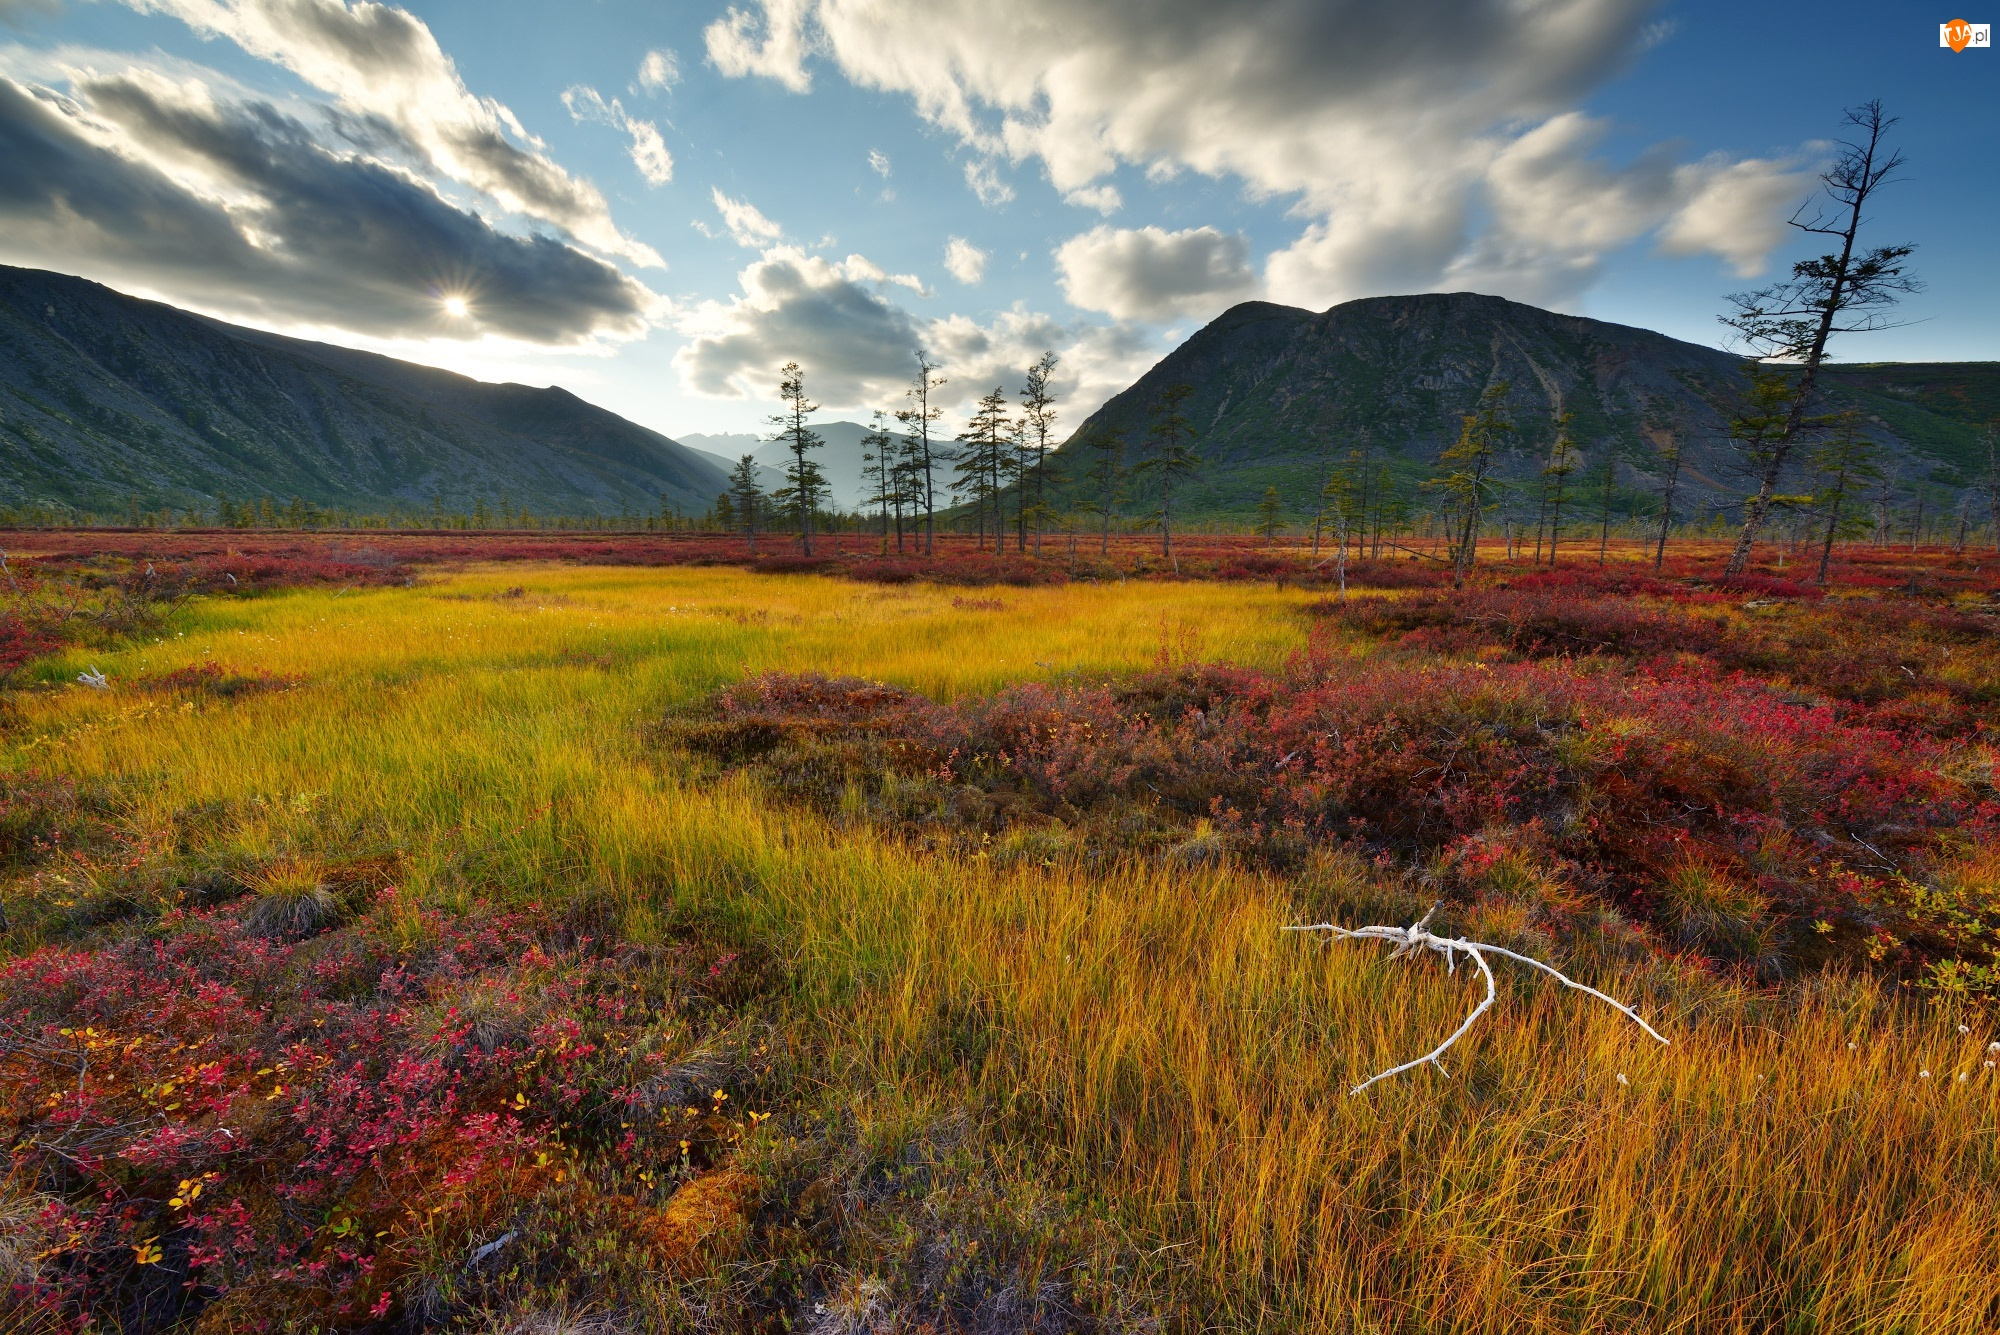 Obwód magadański, Kołyma, Chmury, Rosja, Roślinność, Drzewa, Góry Kołymskie